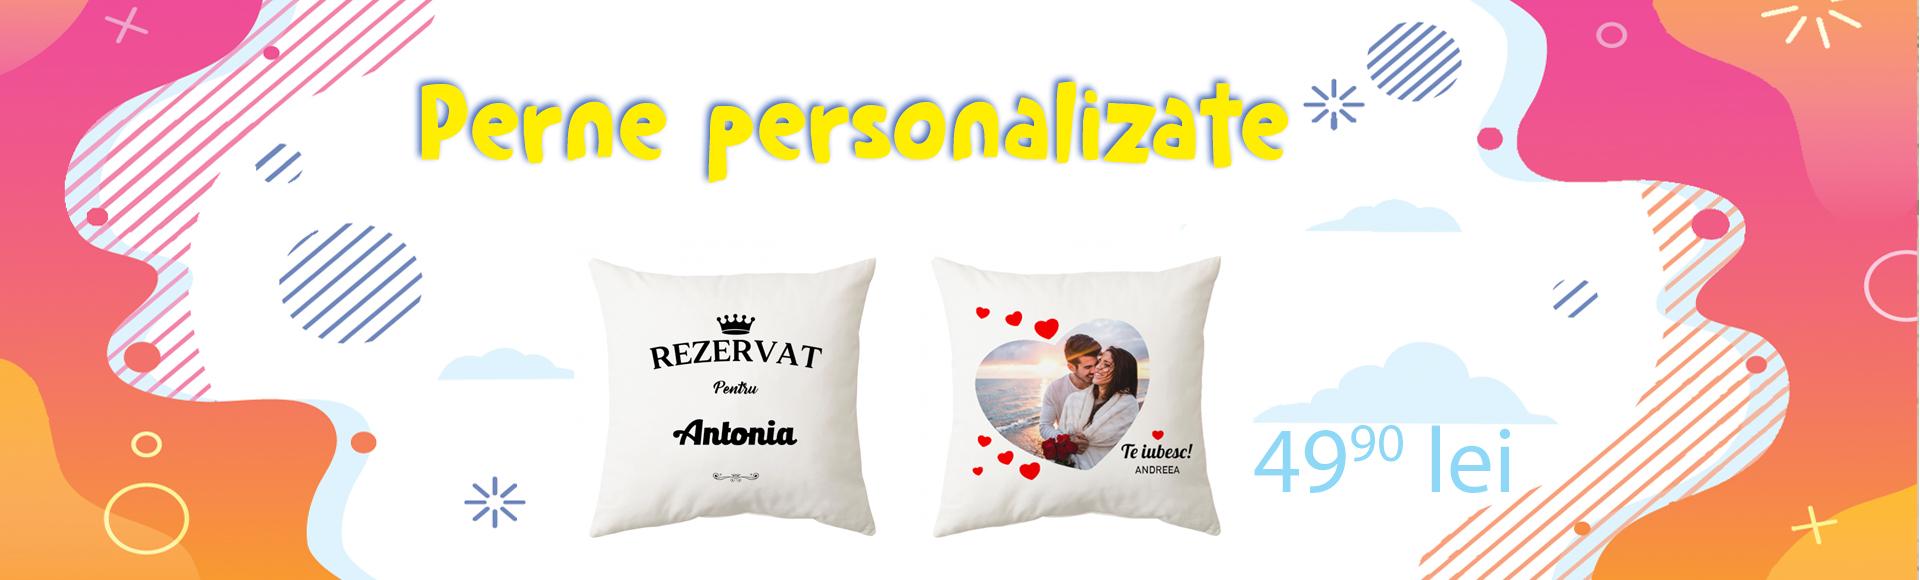 Perne personalizate